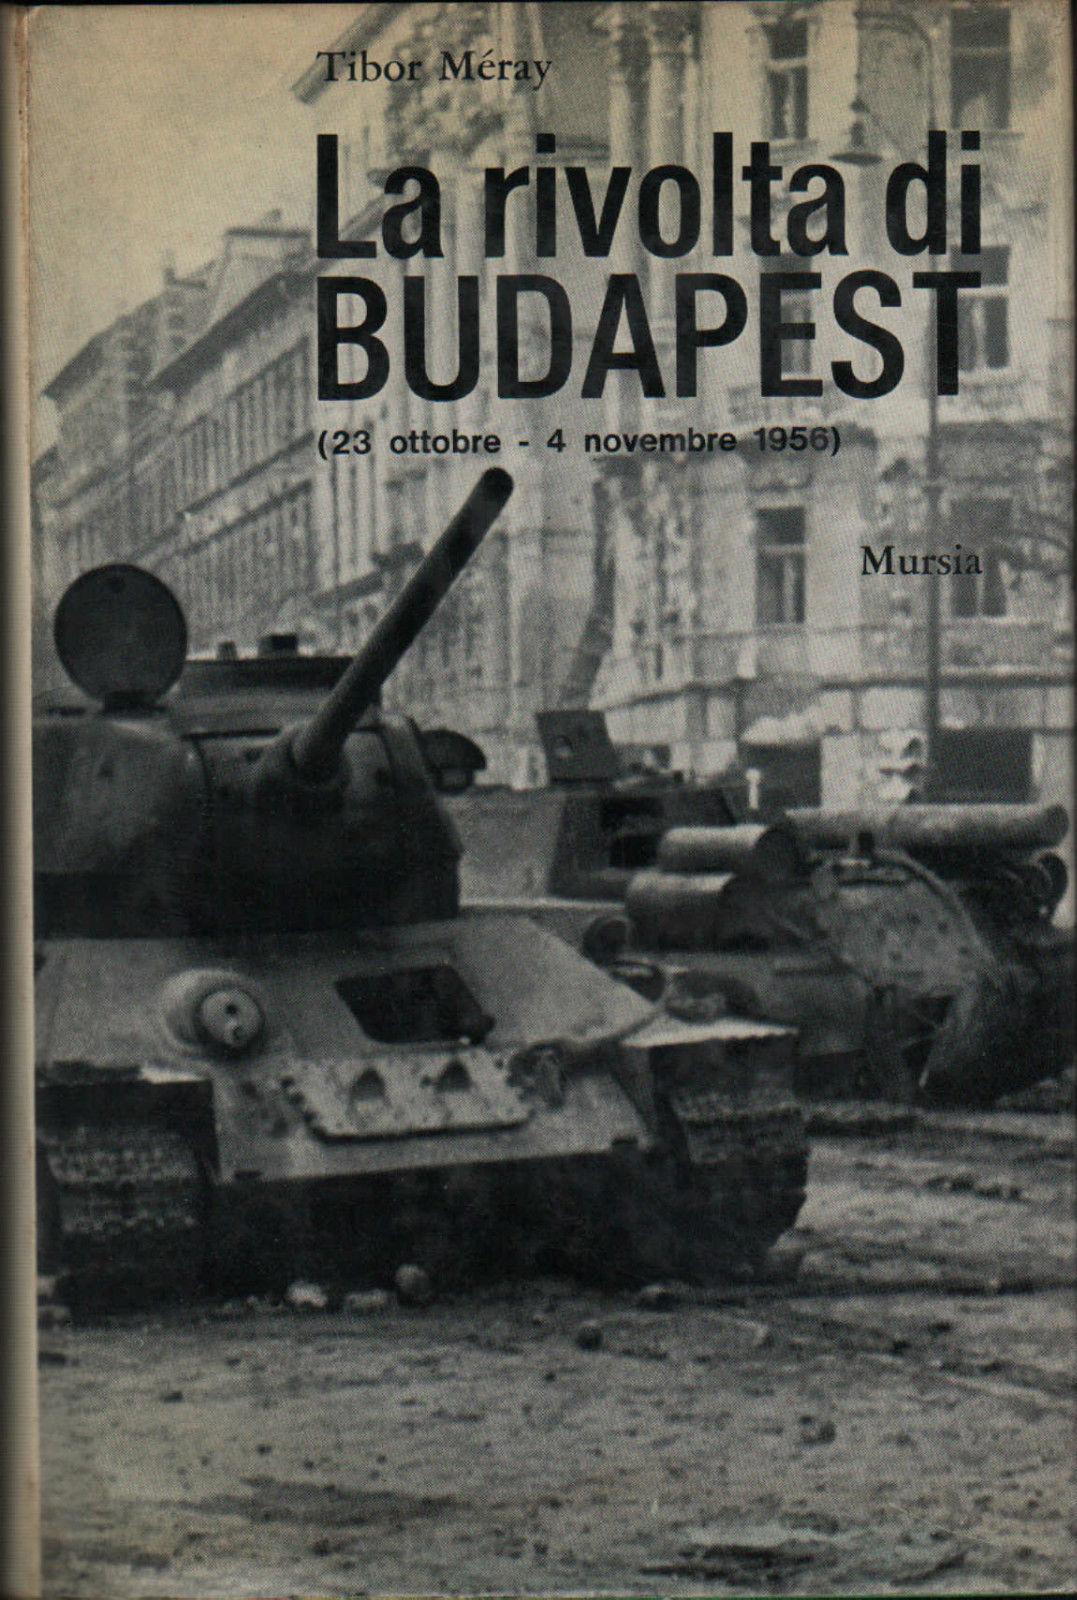 La rivolta di Budape...